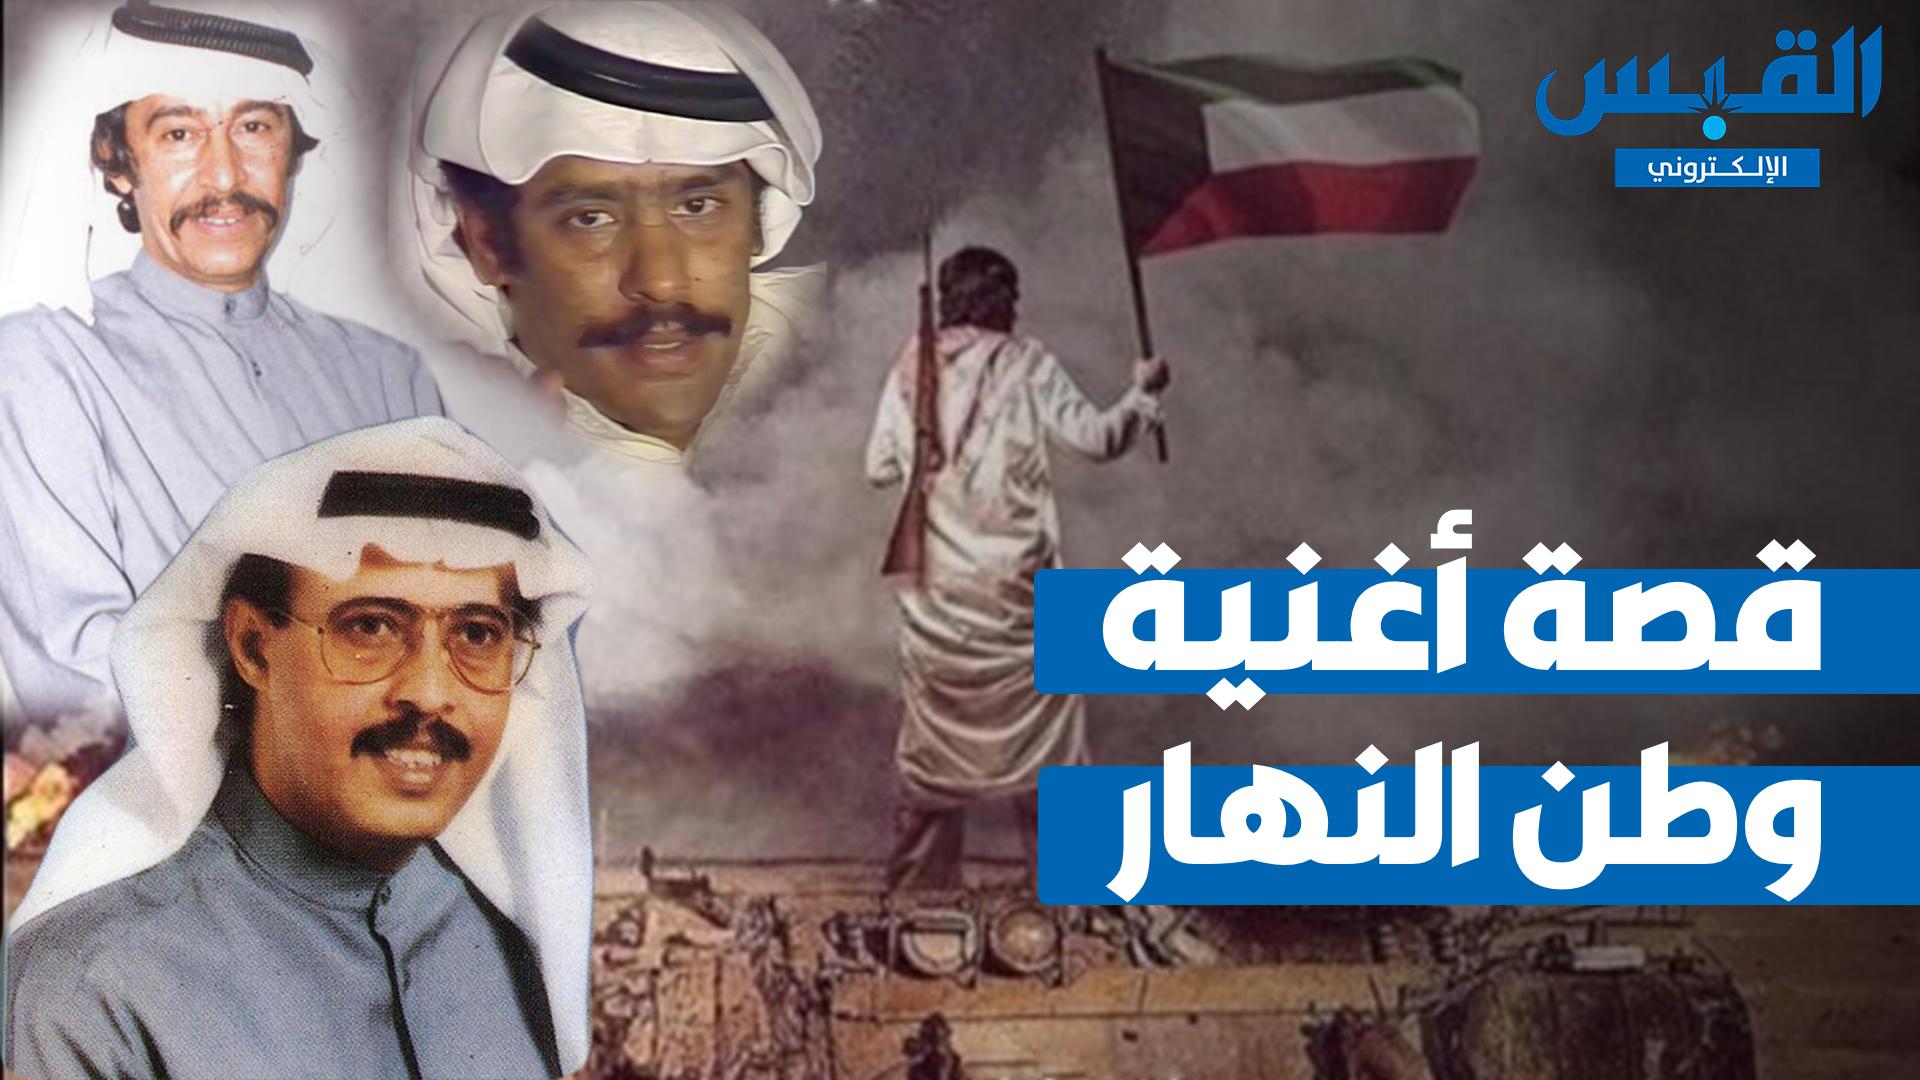 قصة الأغنية الوطنية الأعظم في تاريخ الكويت